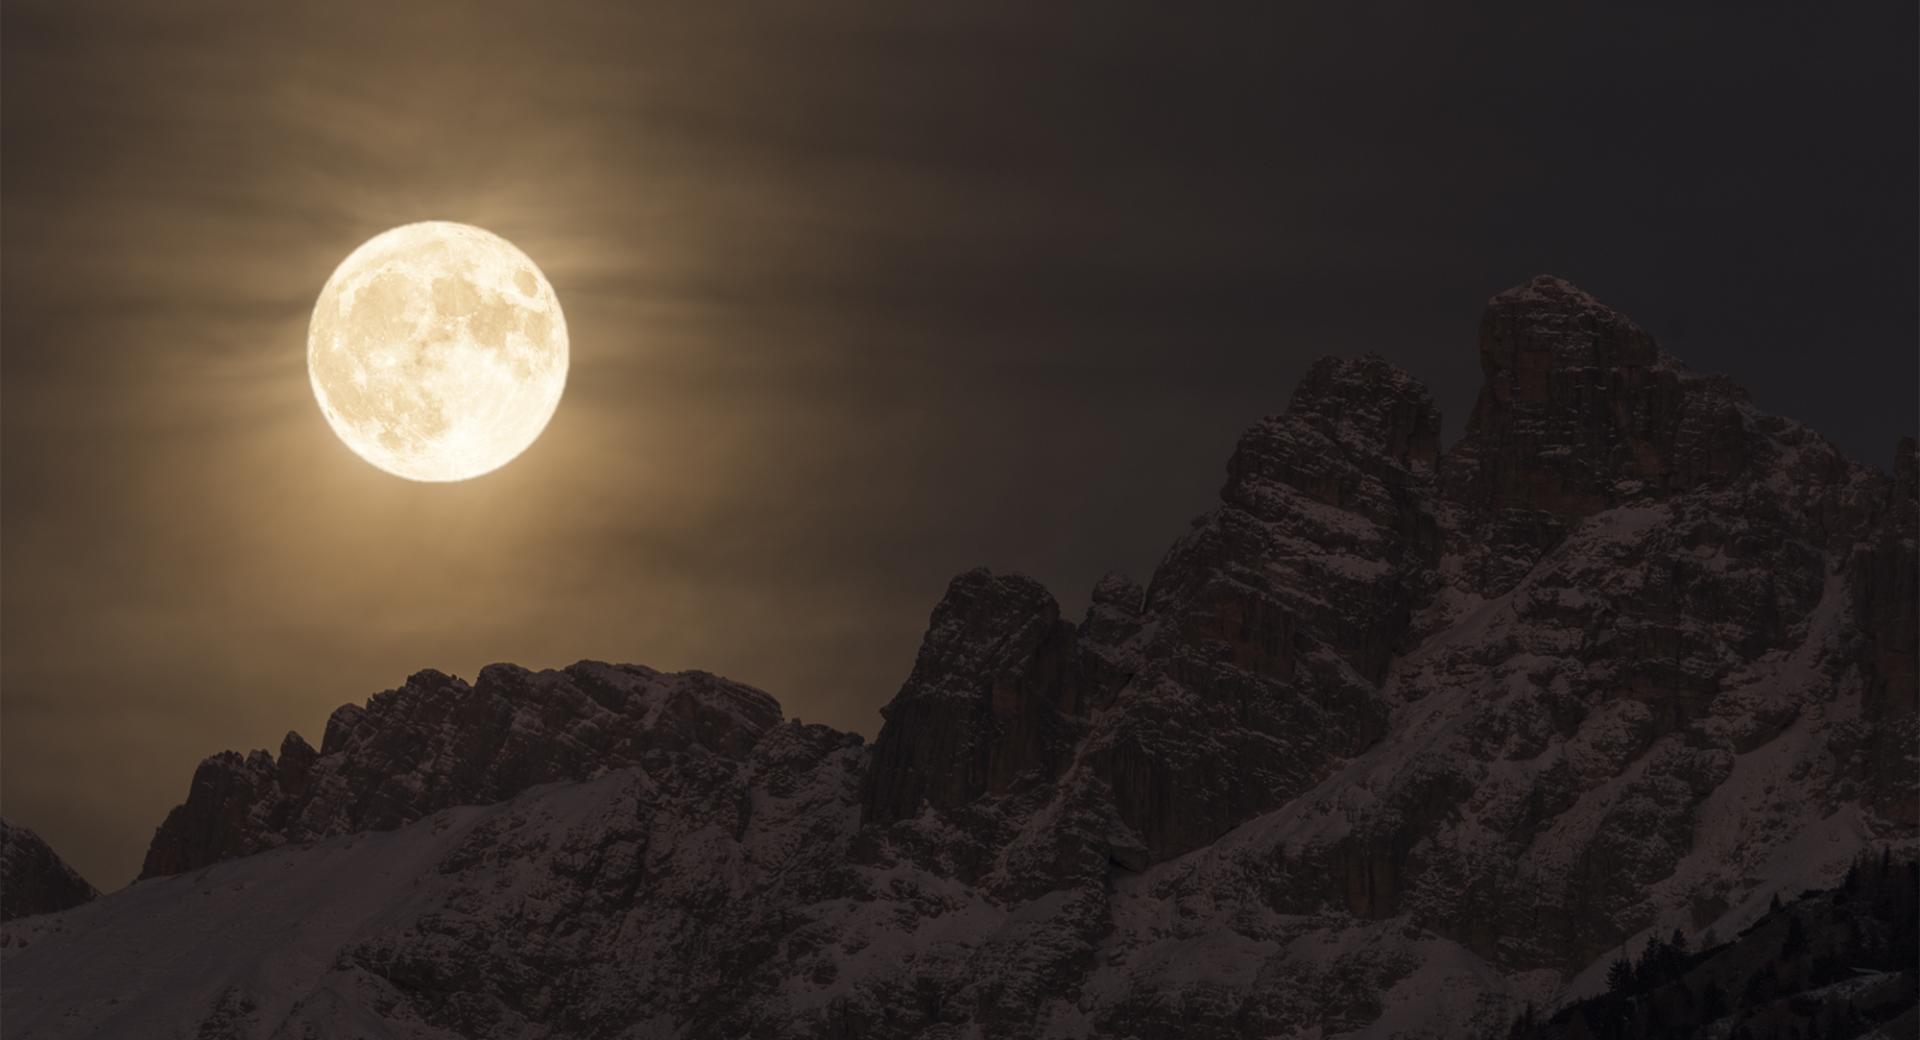 خودنمایی دنیای پر رمز و راز نجوم؛ چراغ آسمان پرنور میشود